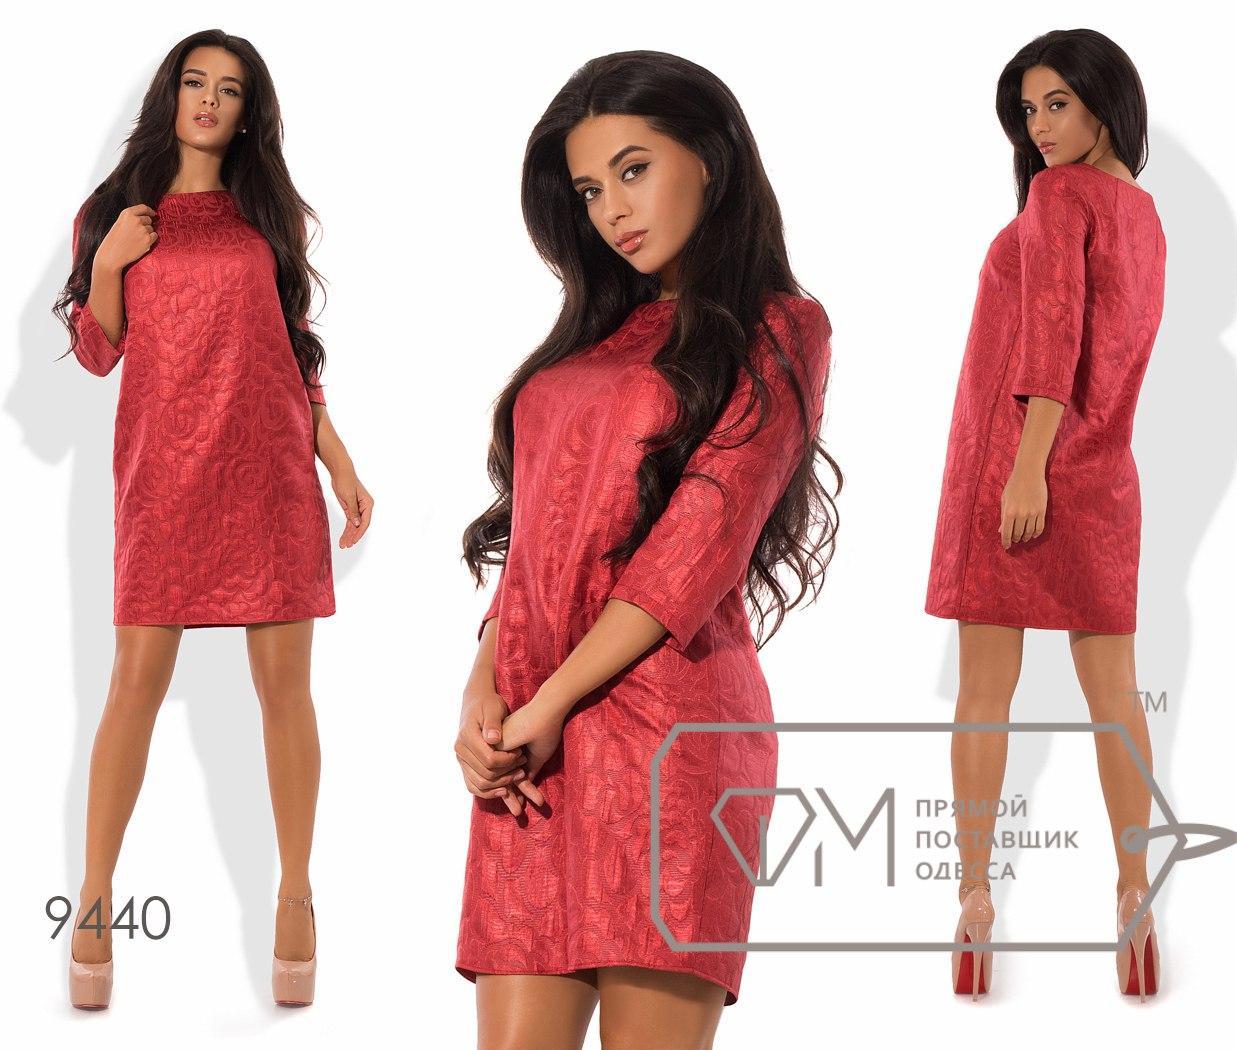 Платье-шифт мини прямое из жаккарда без эластана с рукавами 3/4 и вырезом-лодочка 9440